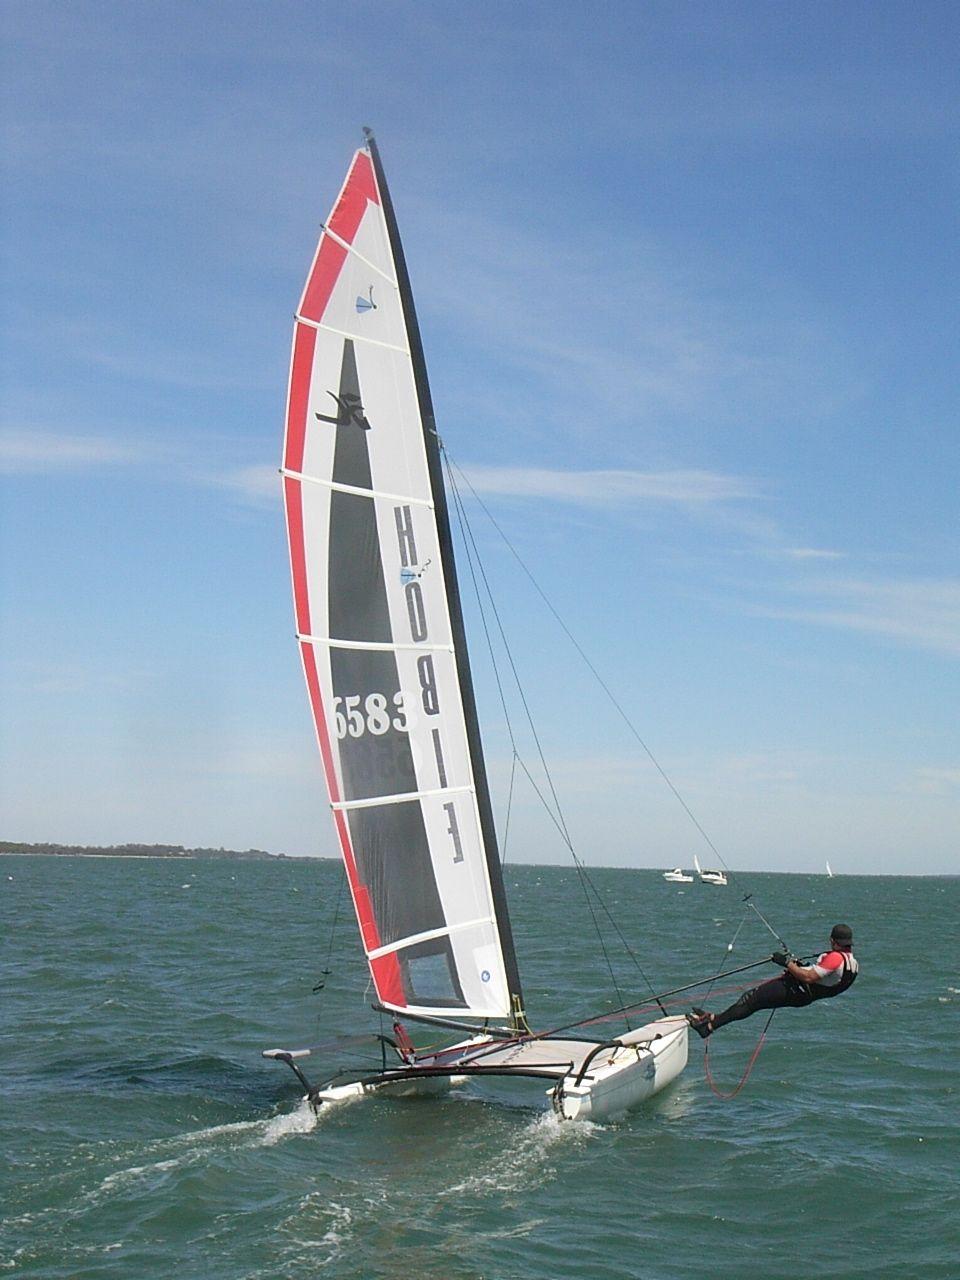 Hobie 17 Catamaran, Sailing catamaran, Sailing